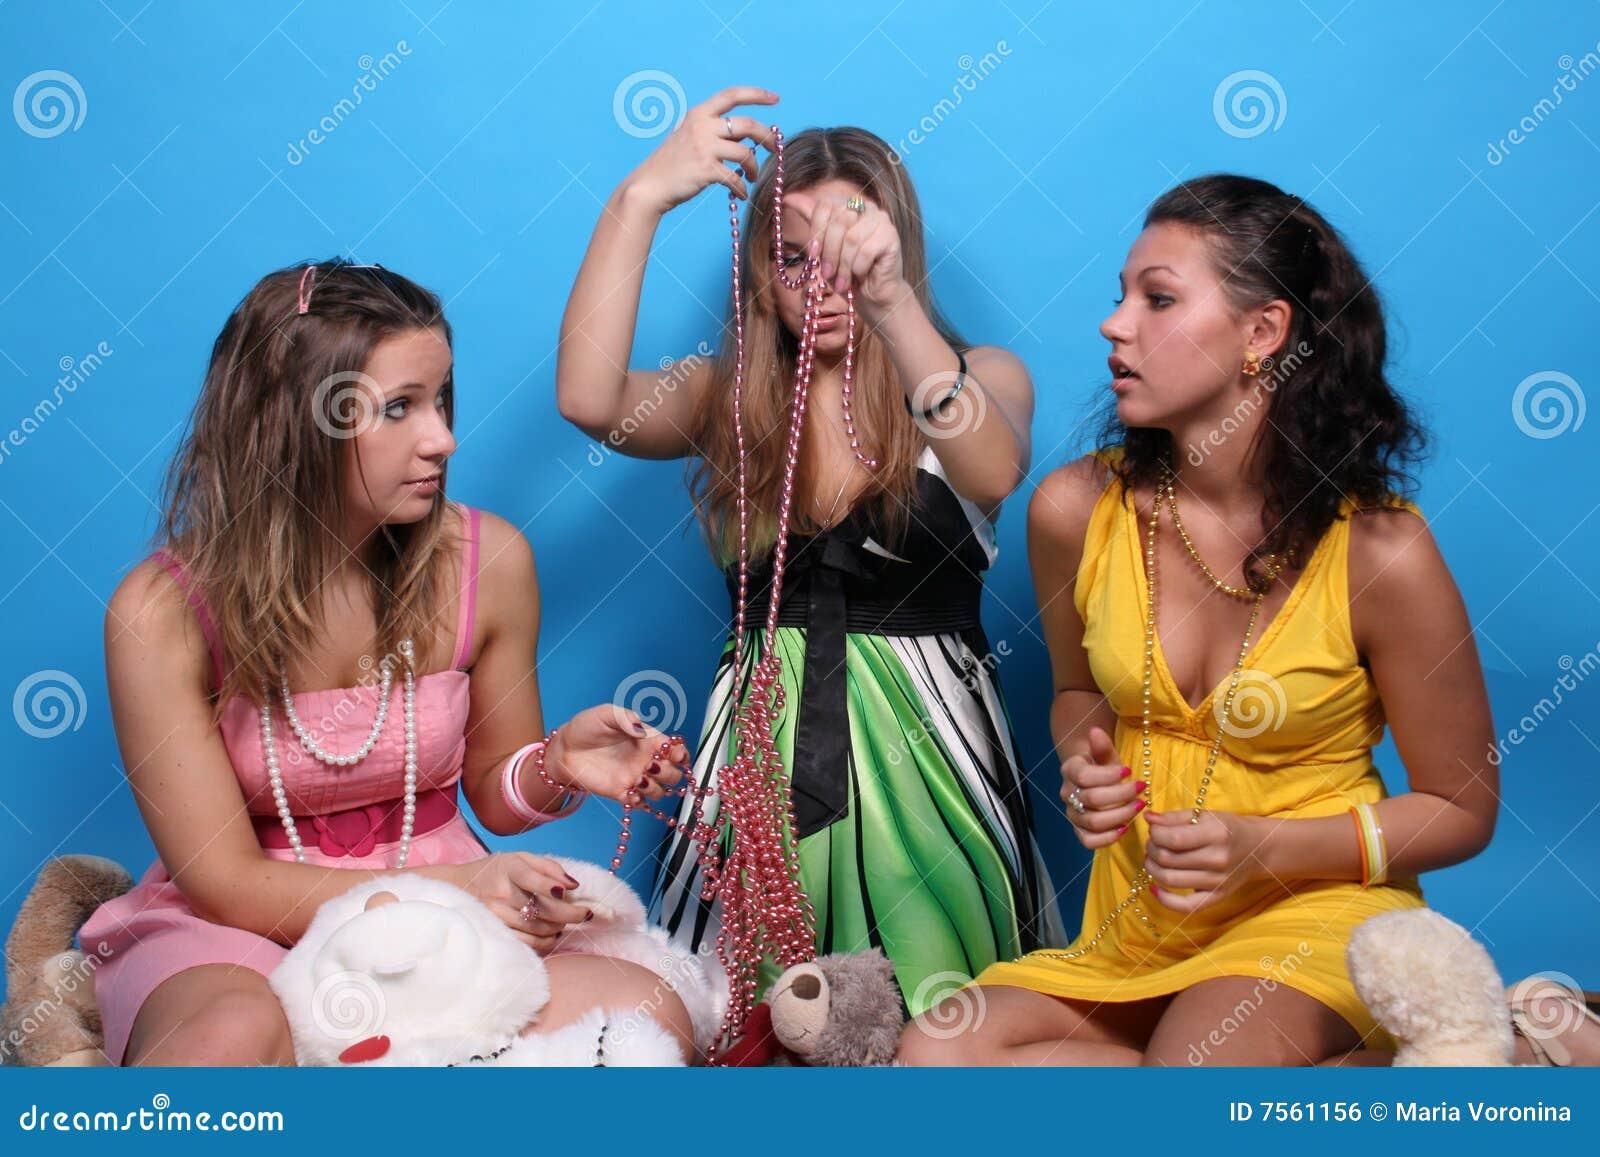 Communication style amoung adult women